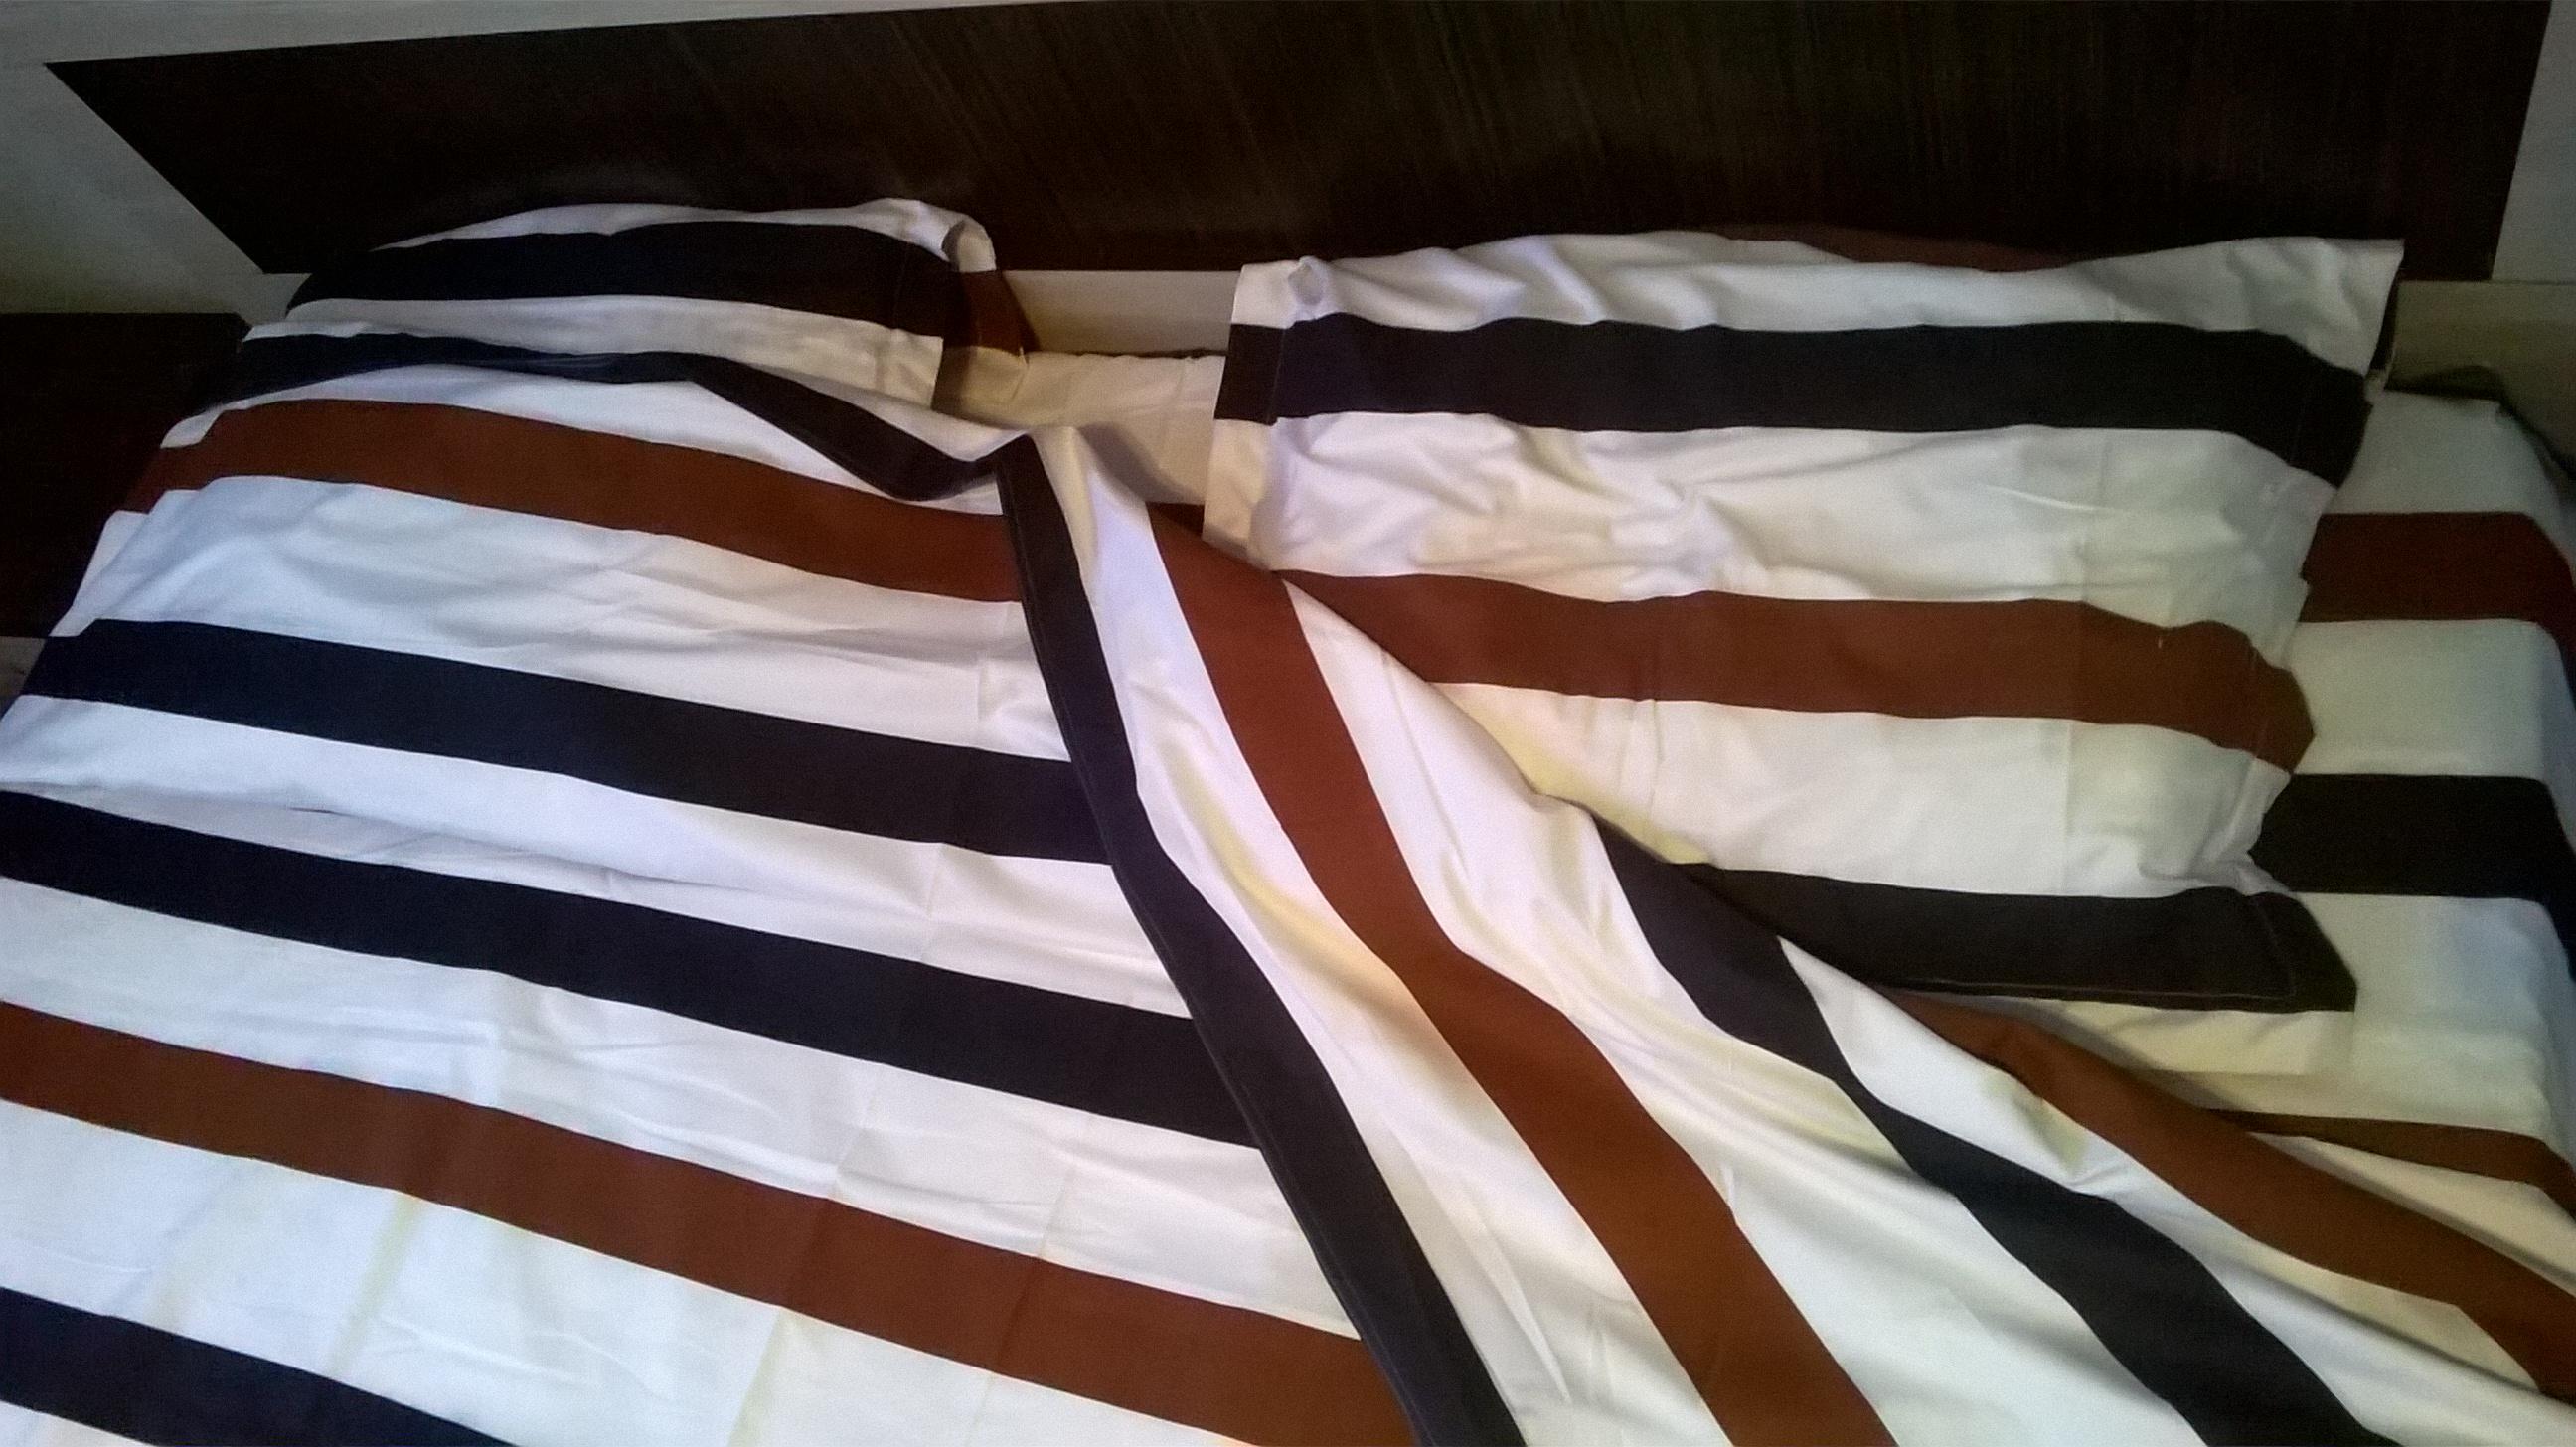 lenjerie de pat cu linii orizontale